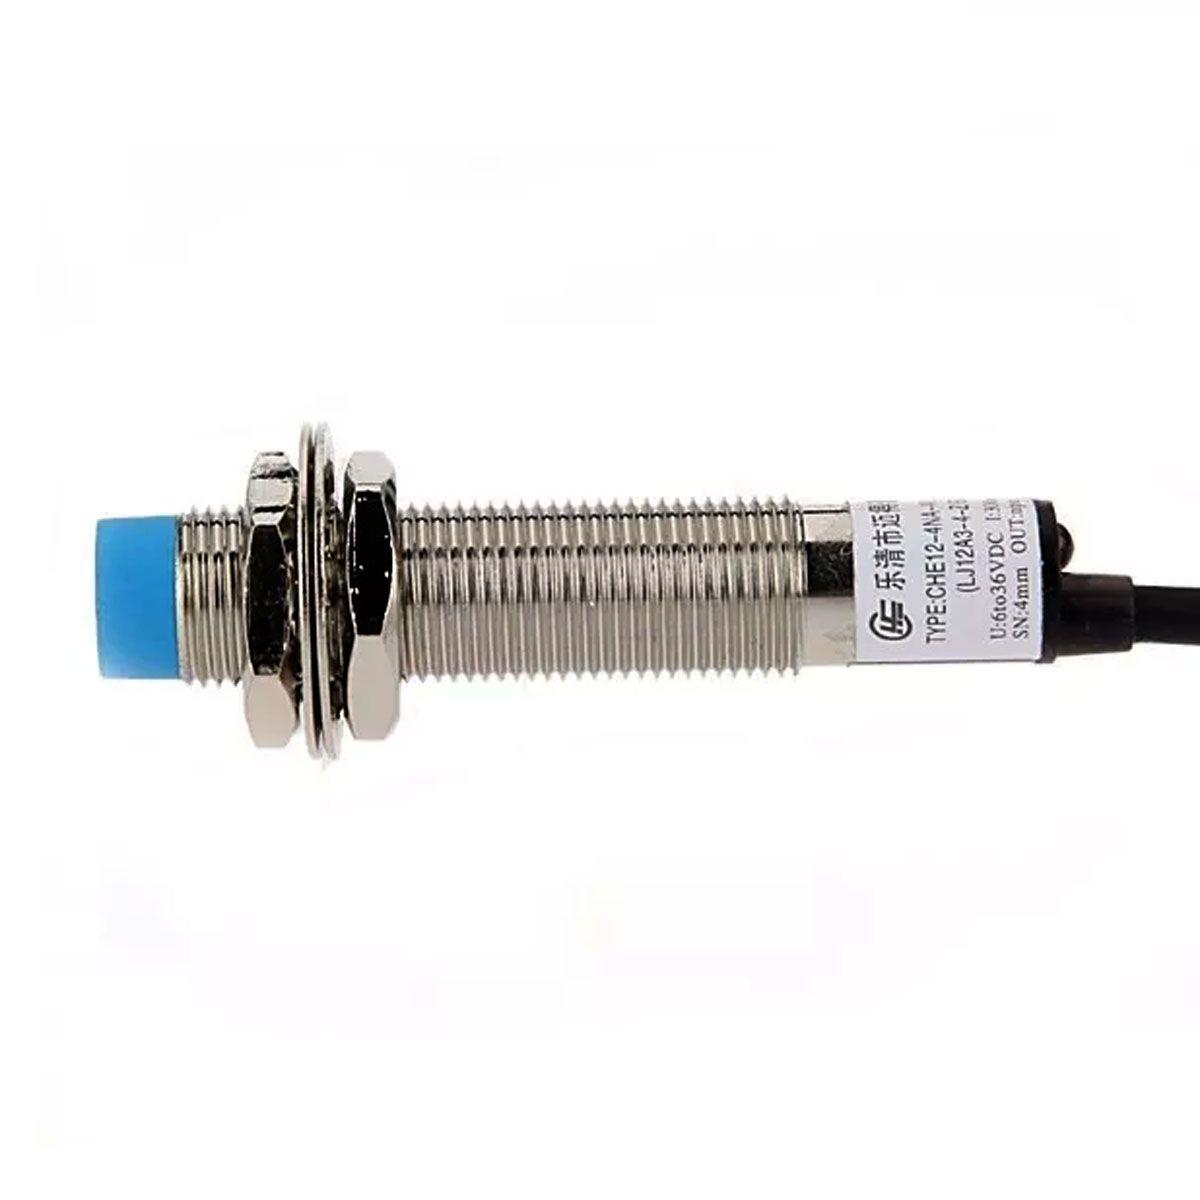 Sensor Indutivo NPN de Proximidade LJ12A3-4-Z/BX - Normalmente Aberto